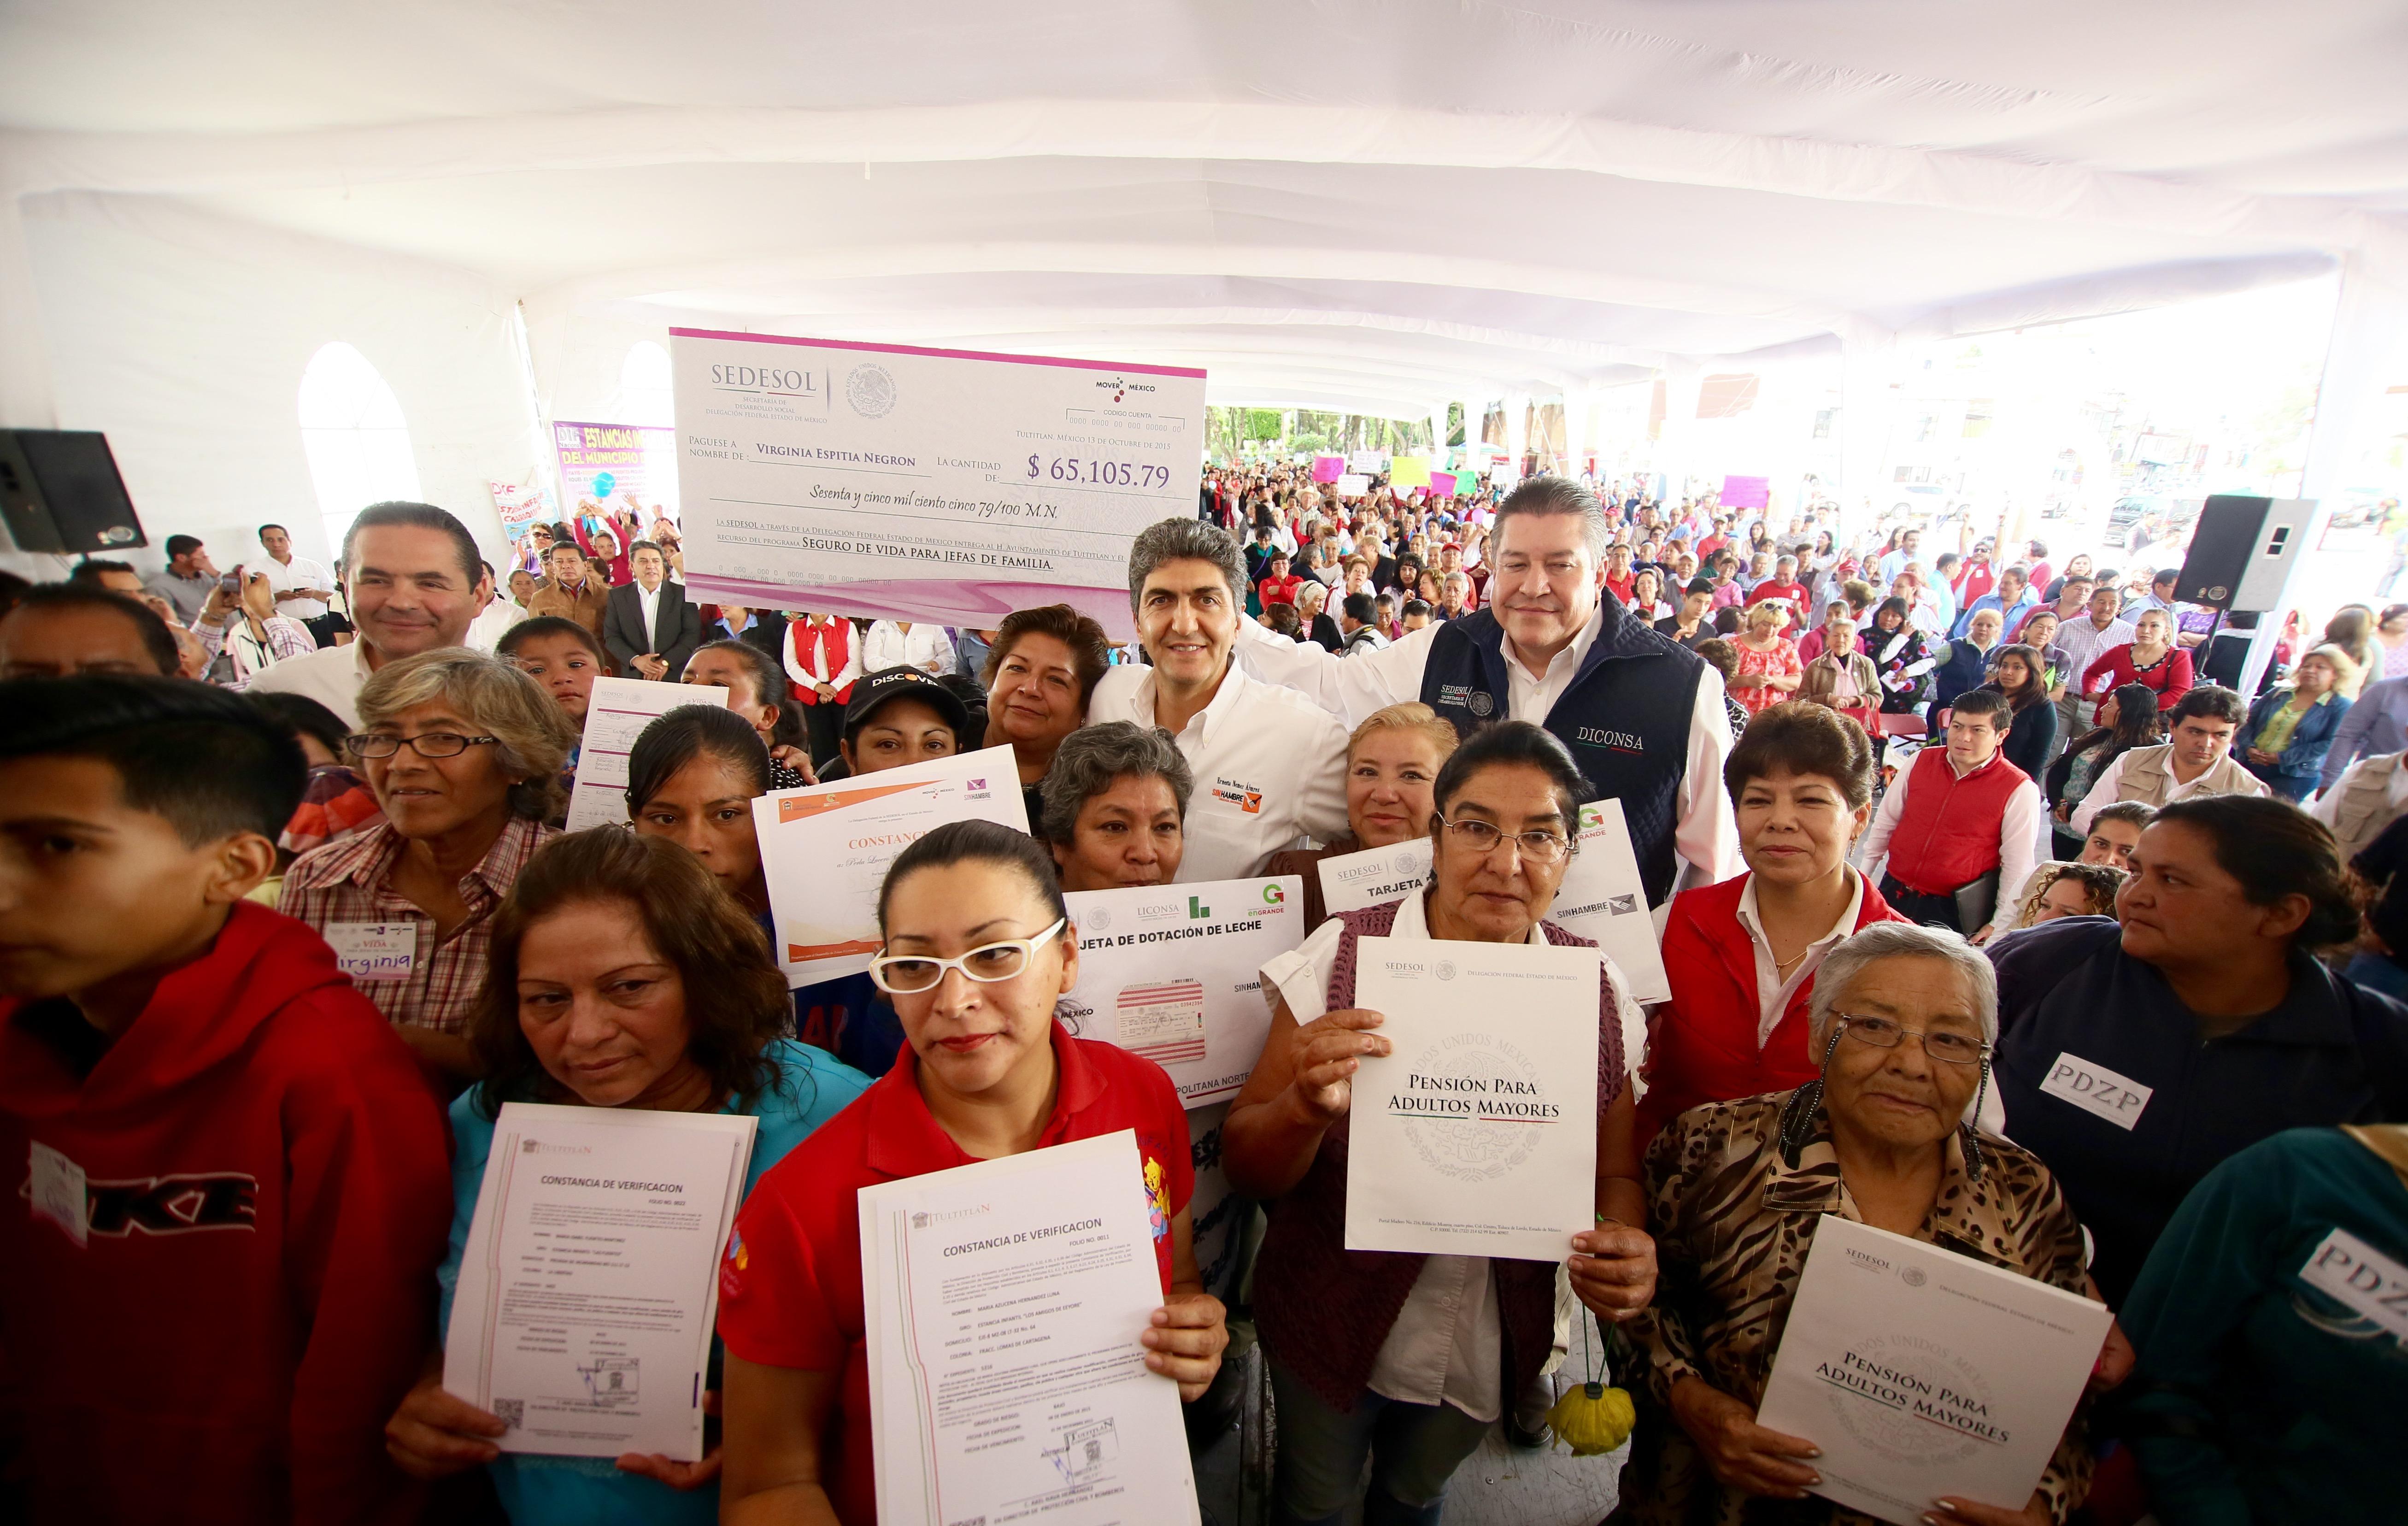 Reducir carencias sociales y generar productividad, objetivo de la política social: subsecretario Ernesto Nemer Álvarez